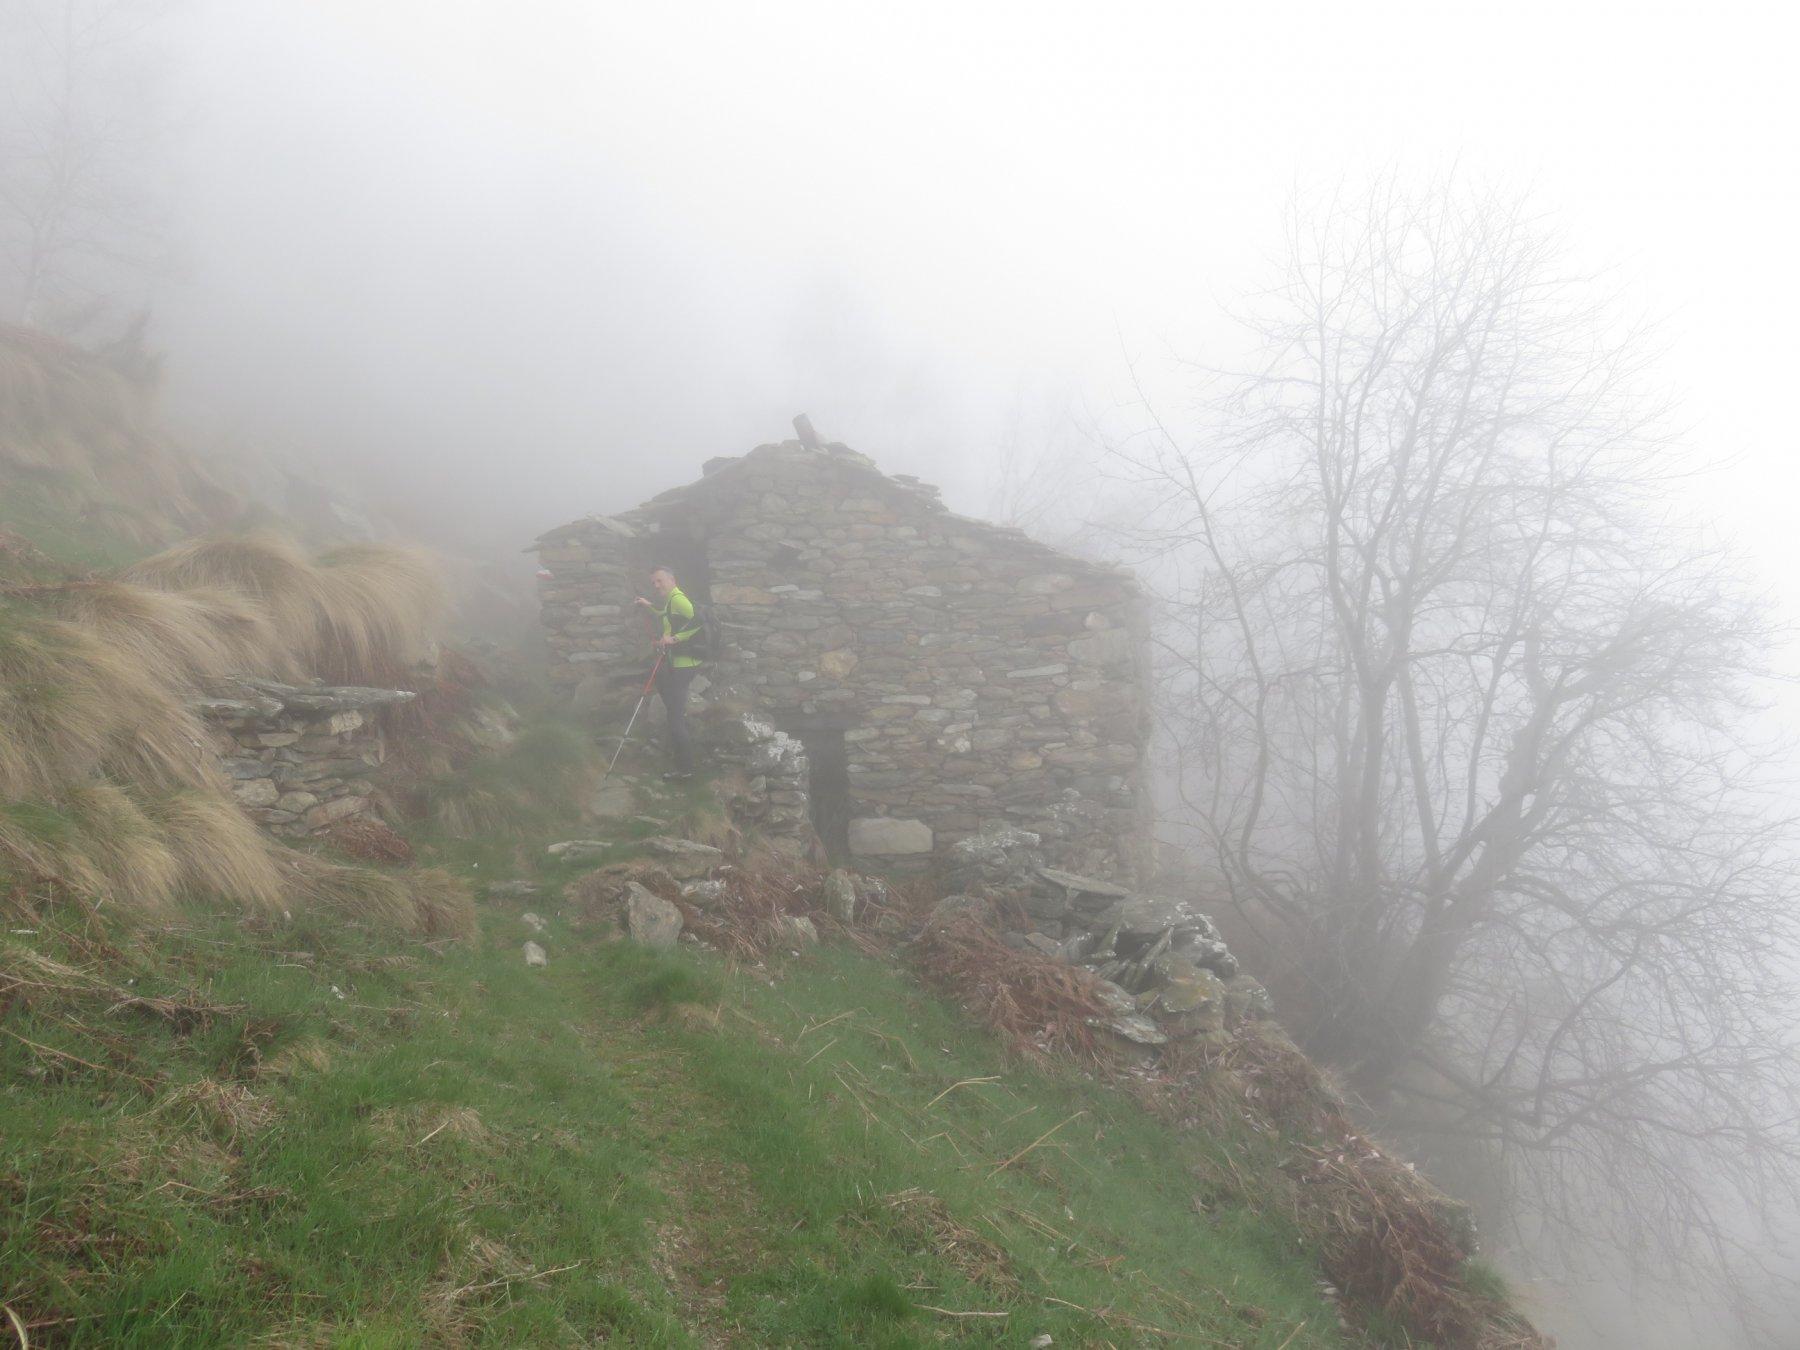 Entriamo nella nebbia